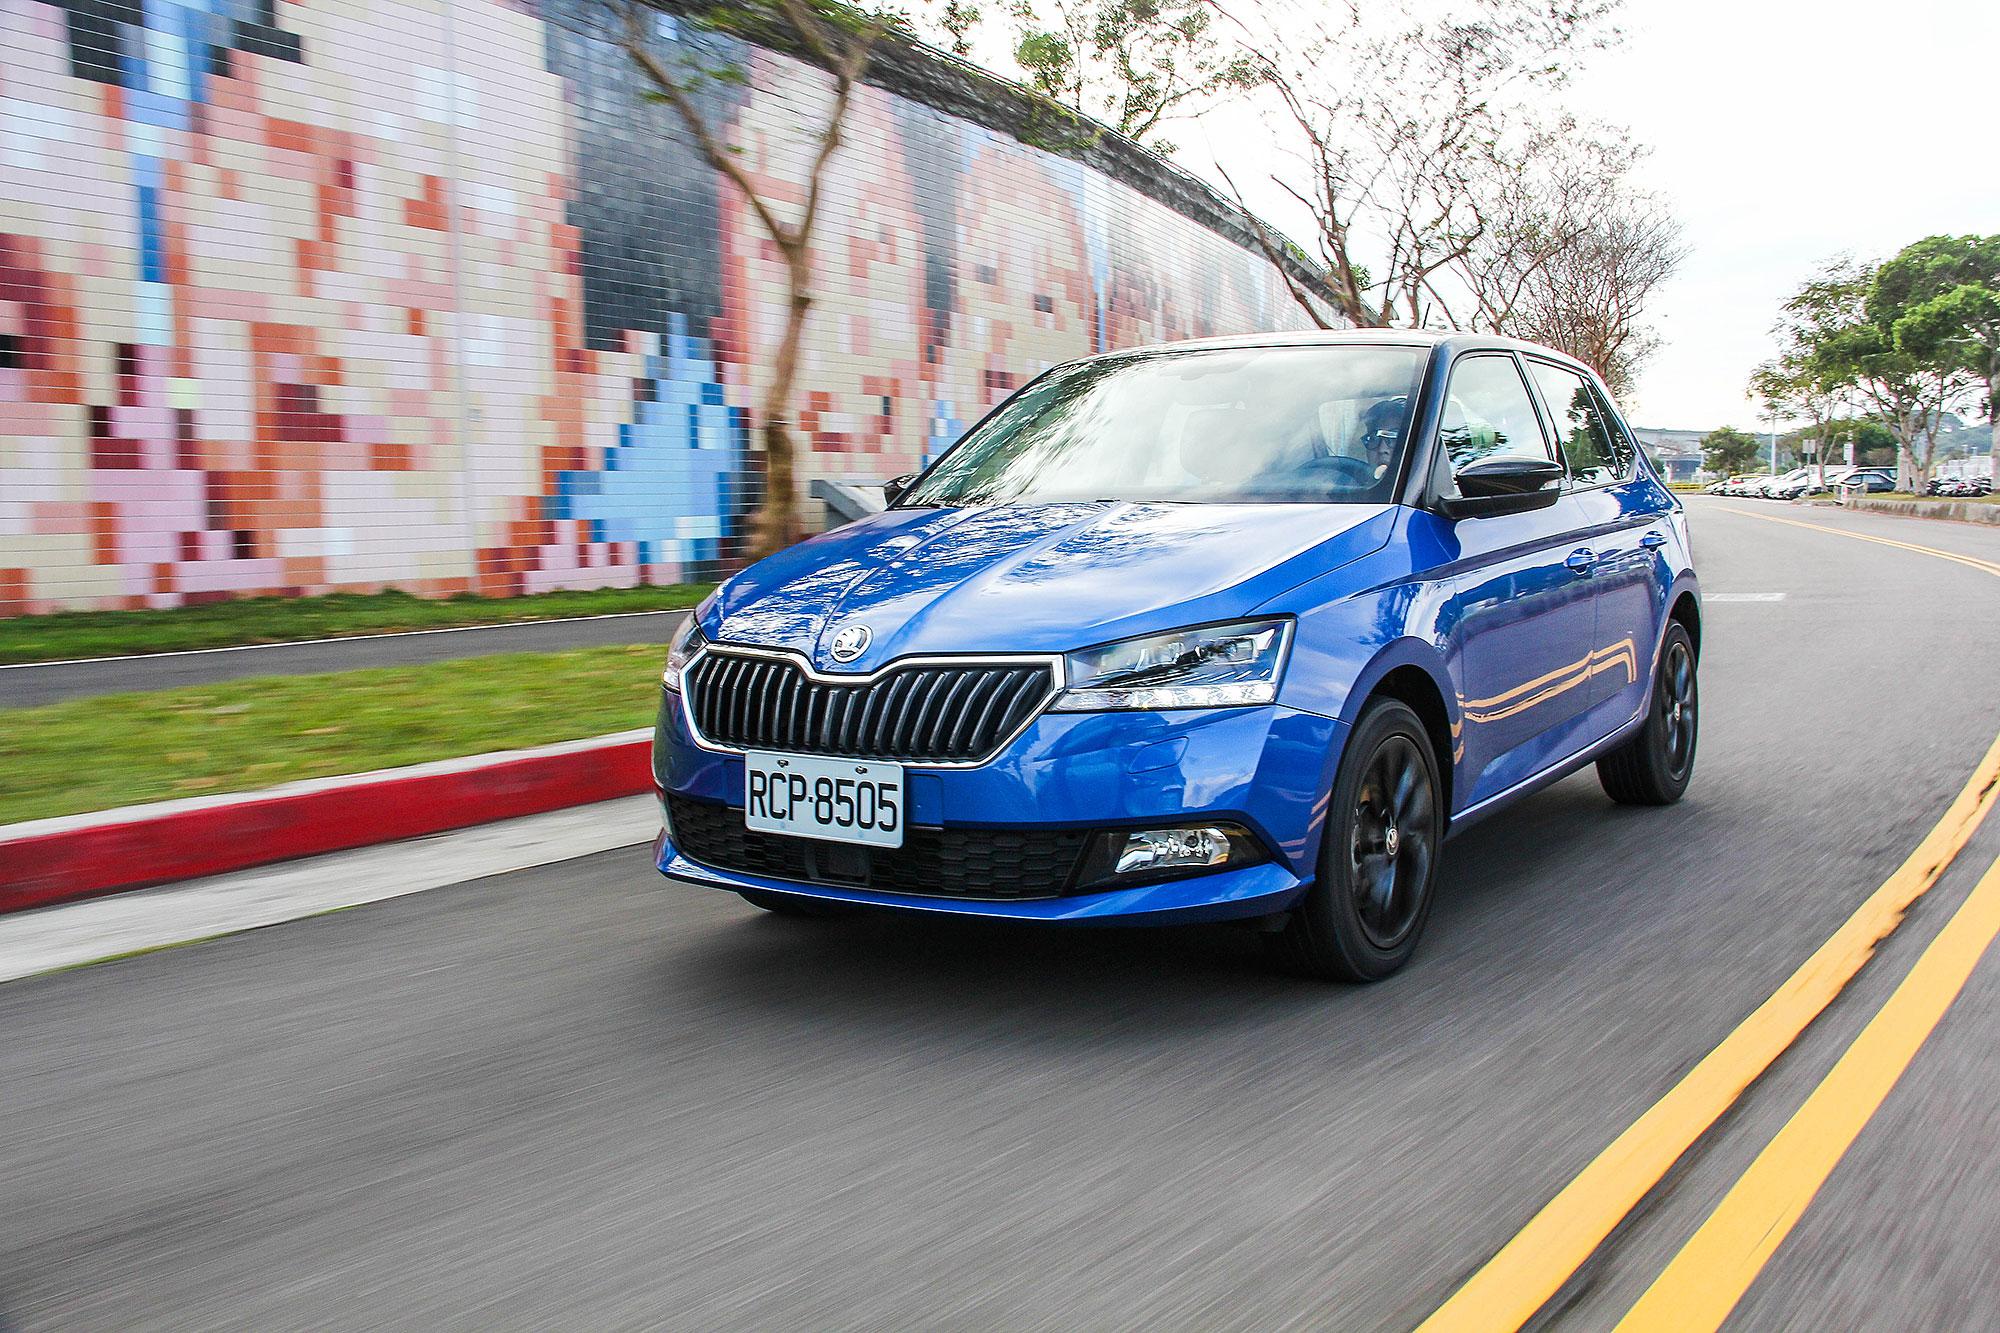 2020 年式開始, Škoda Taiwan將新增 Fabia 1.0 TSI 魅力型,提供直接搭配魅力套件的車型選擇。